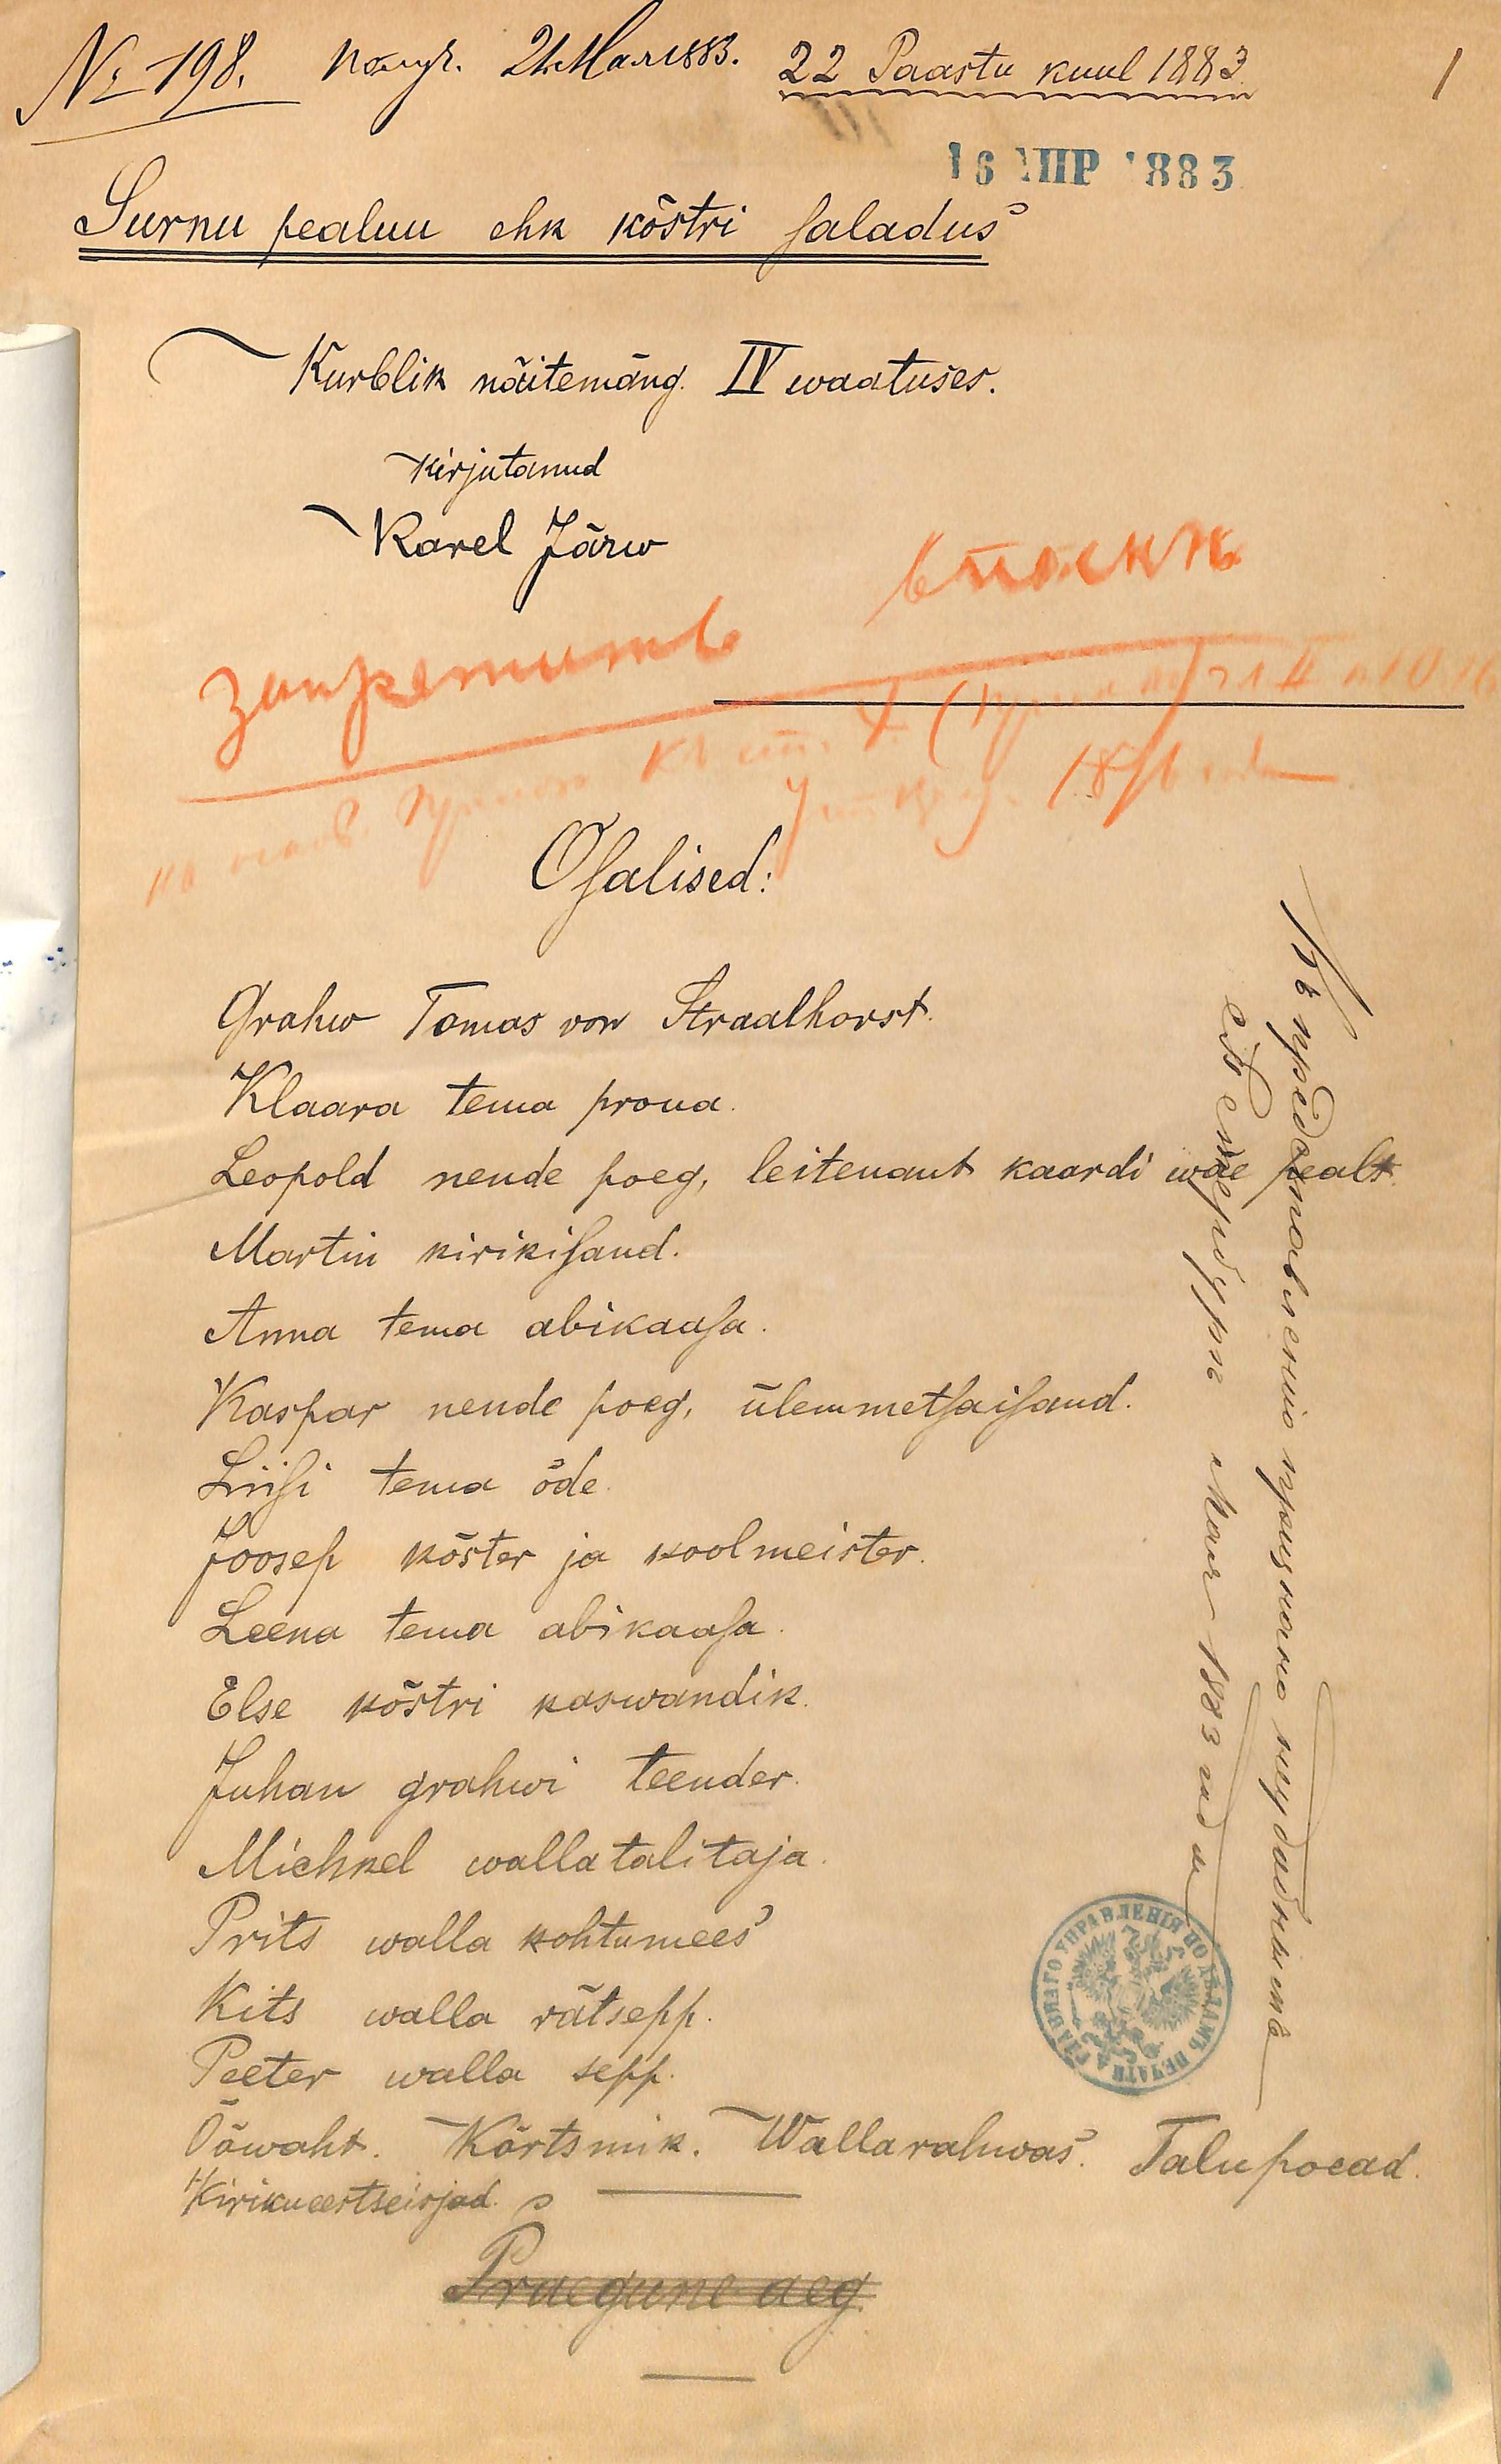 """Kaarel Järve 1883. aastal kirja pandud neljavaatuselise näitemängu """"Surnu pealuu ehk köstri saladus"""" osatäitjate nimekiri. Punase pliiatsiga tsensori märge. iseDigi_0004"""